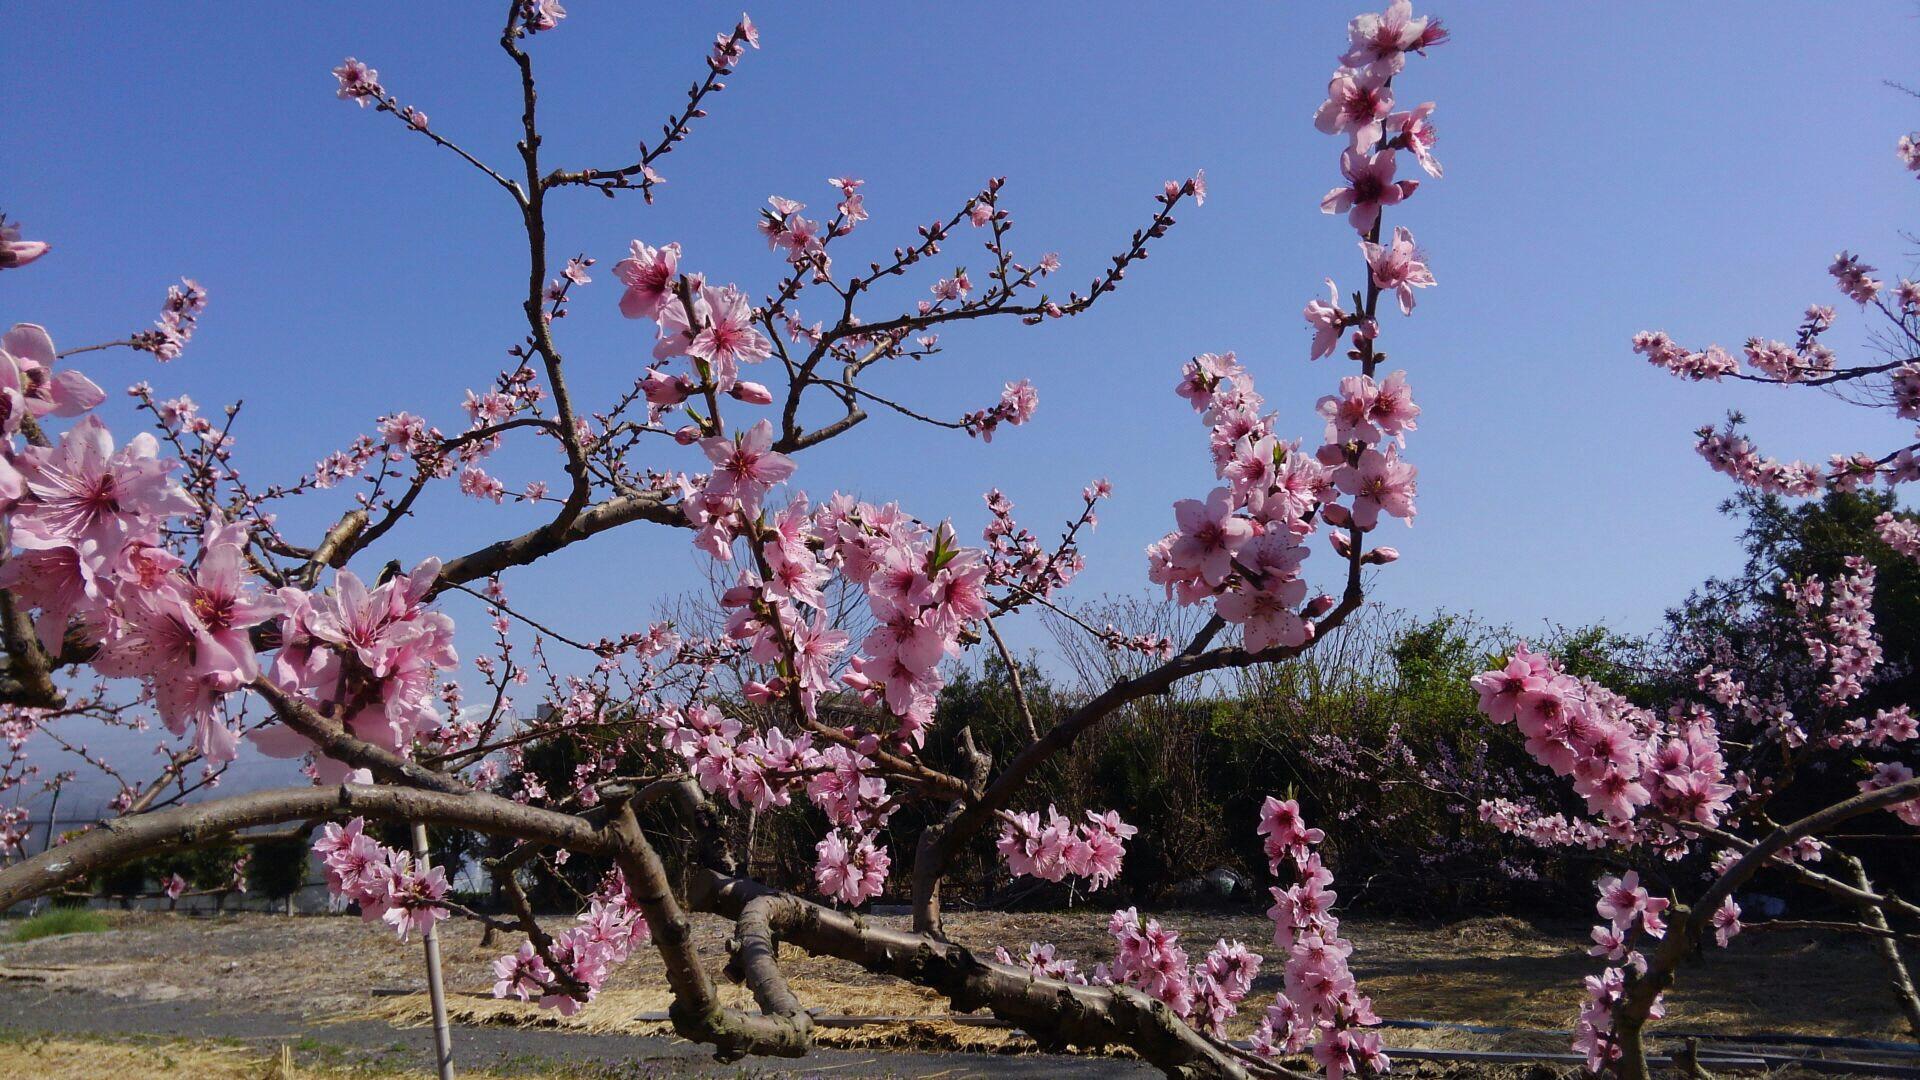 長田の桃の花 今年も咲き始めました!の画像